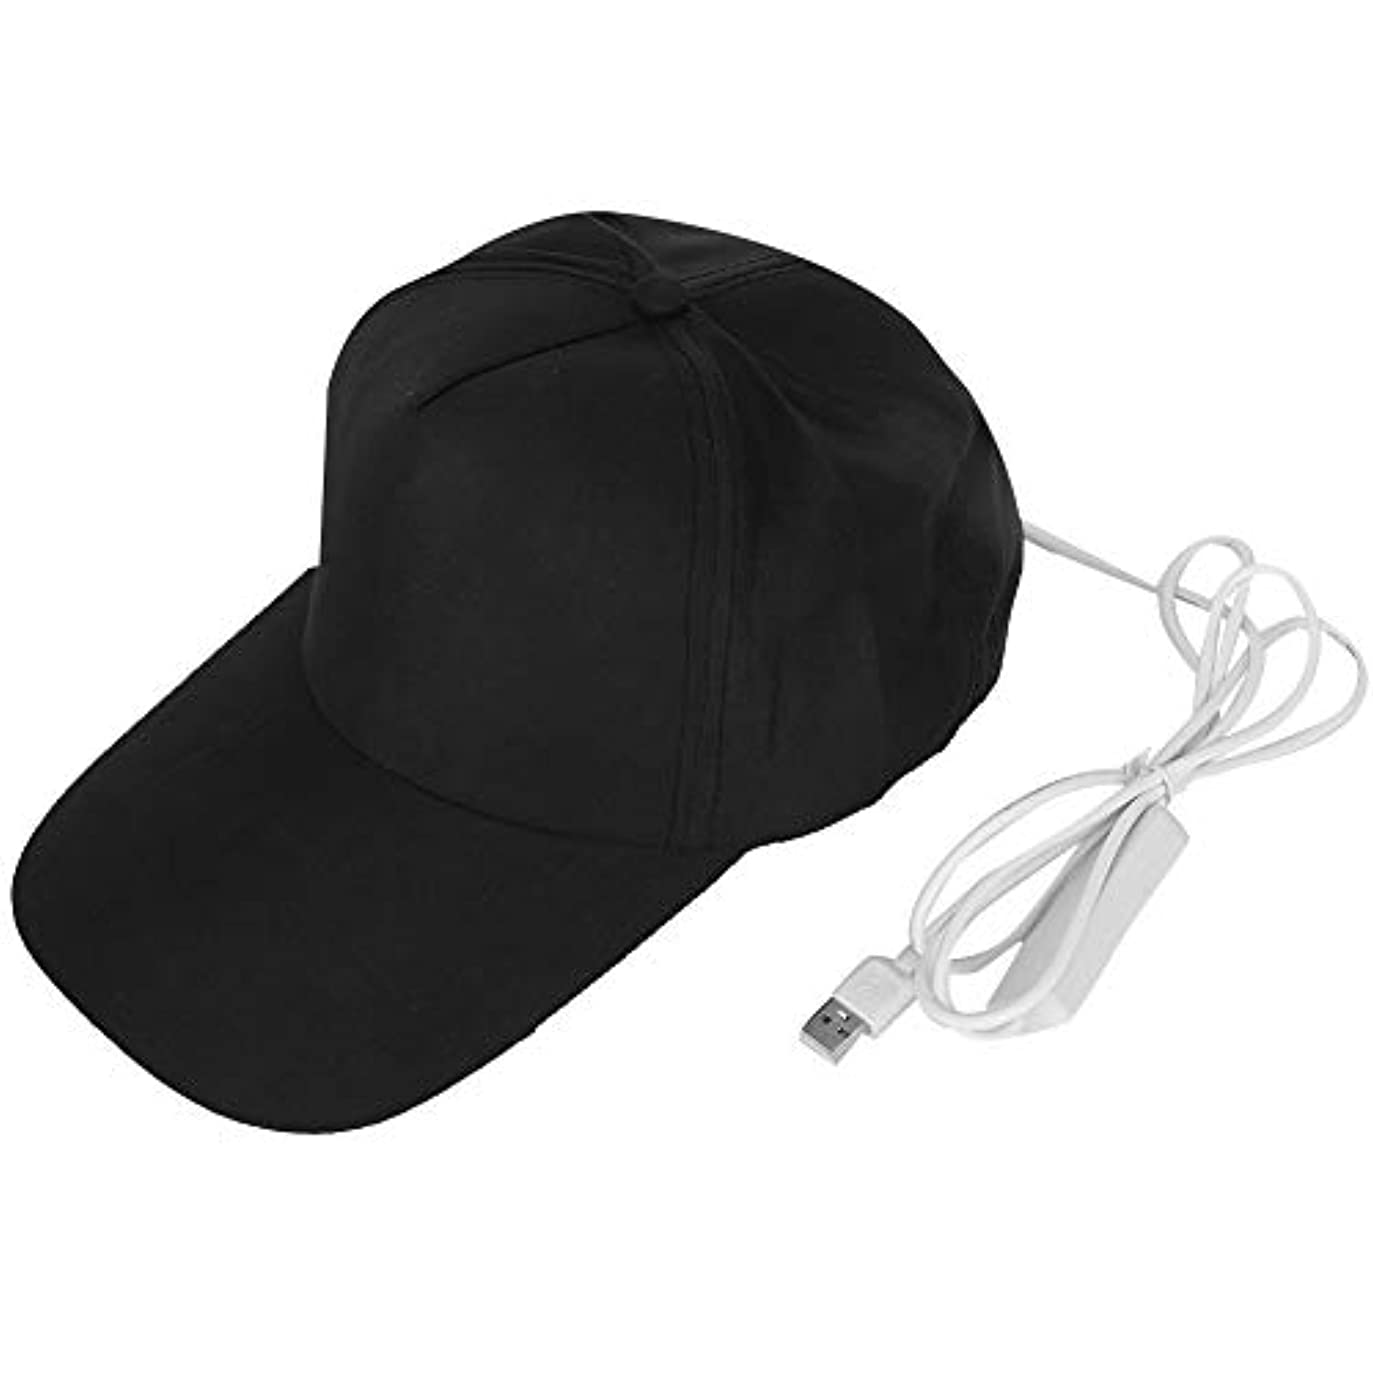 測定可能アラビア語取り除く152pcs軽い破片の毛の成長の反毛の帽子